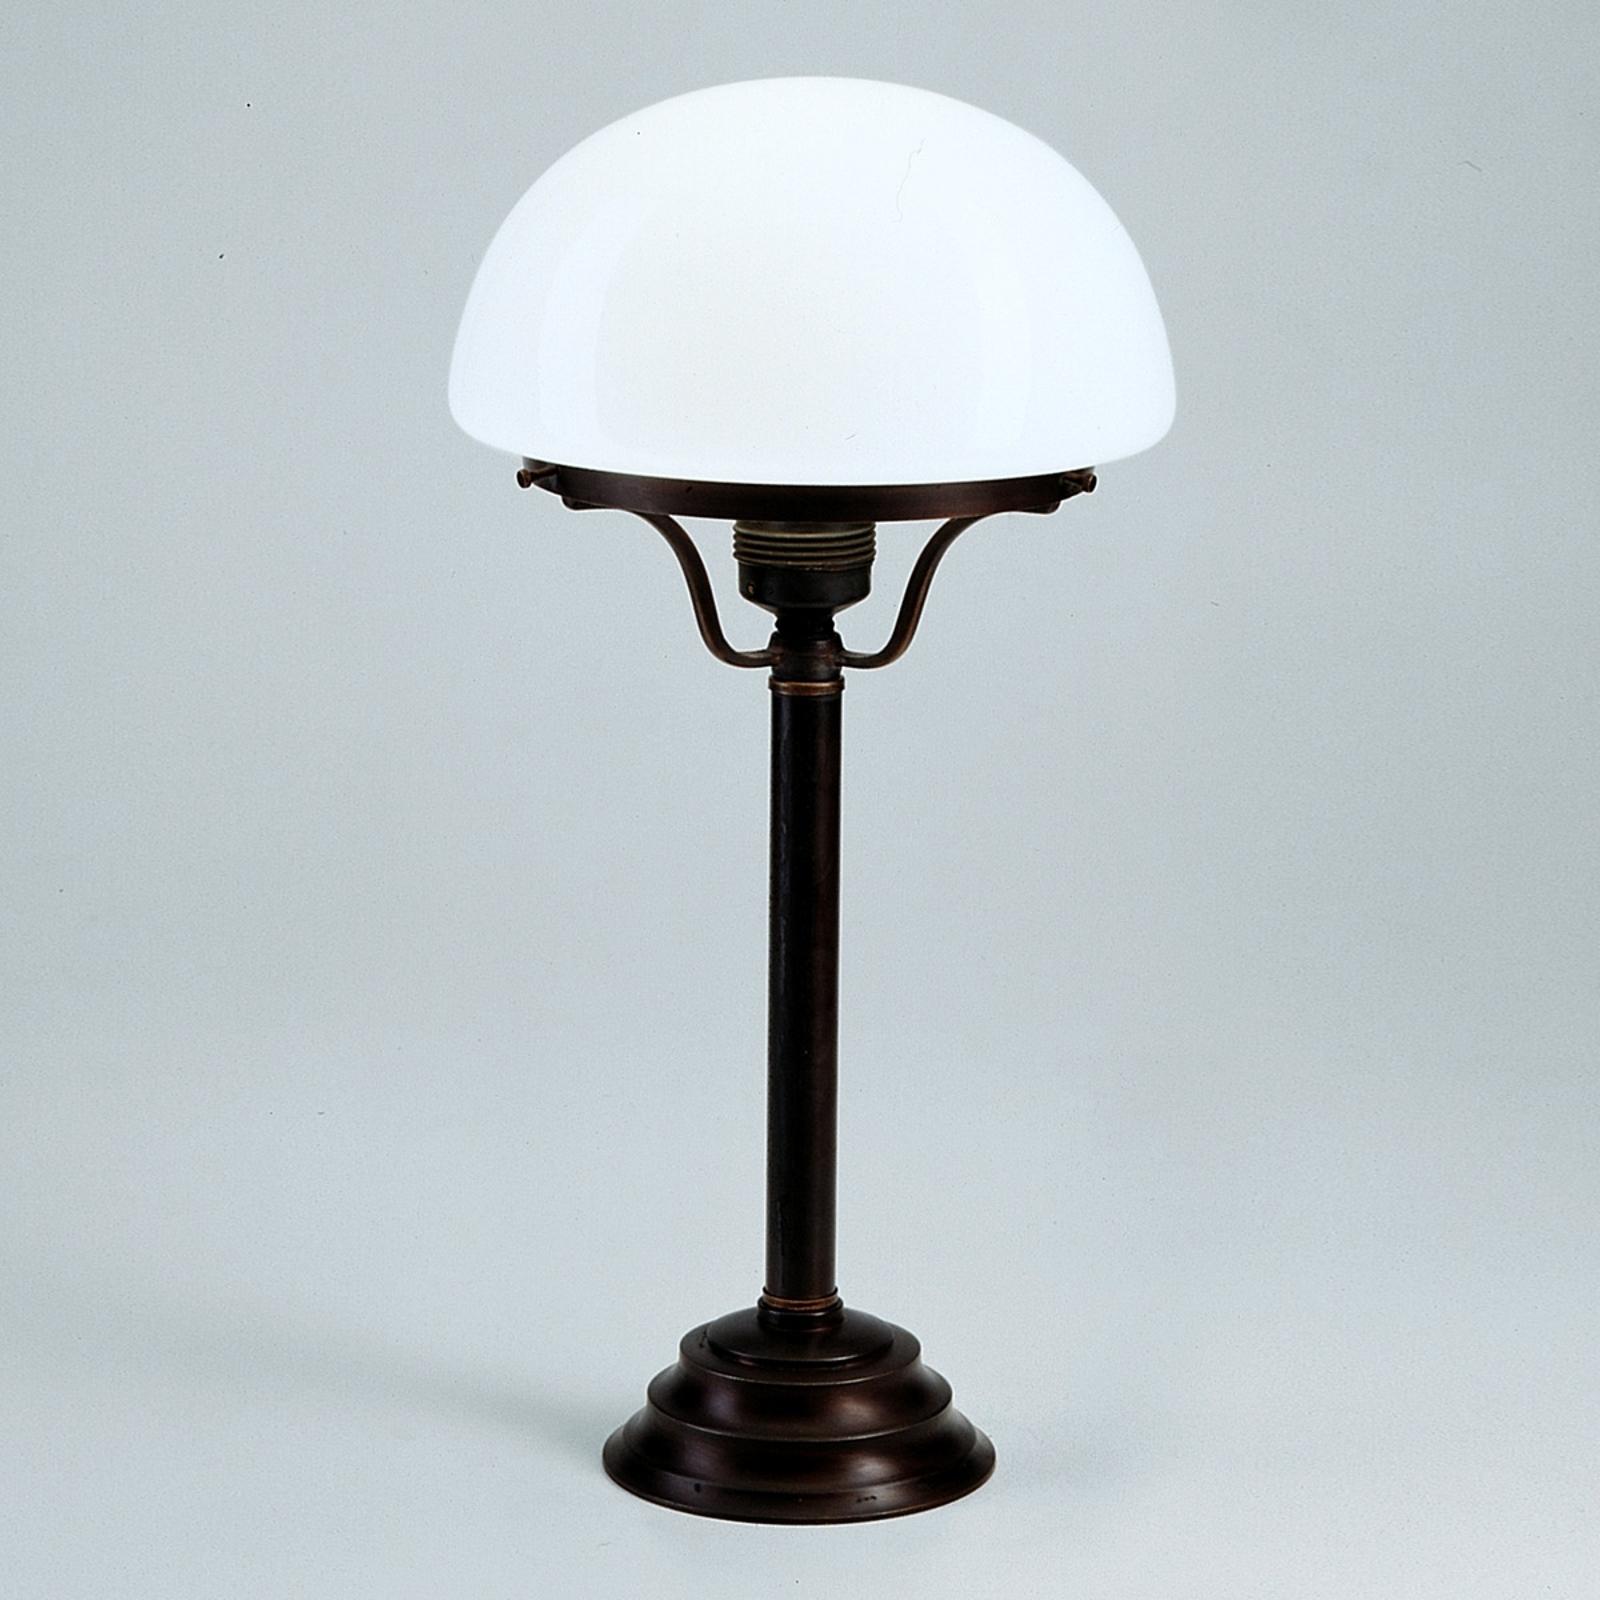 Bordlampen Frank med antik-rustikalt udseende